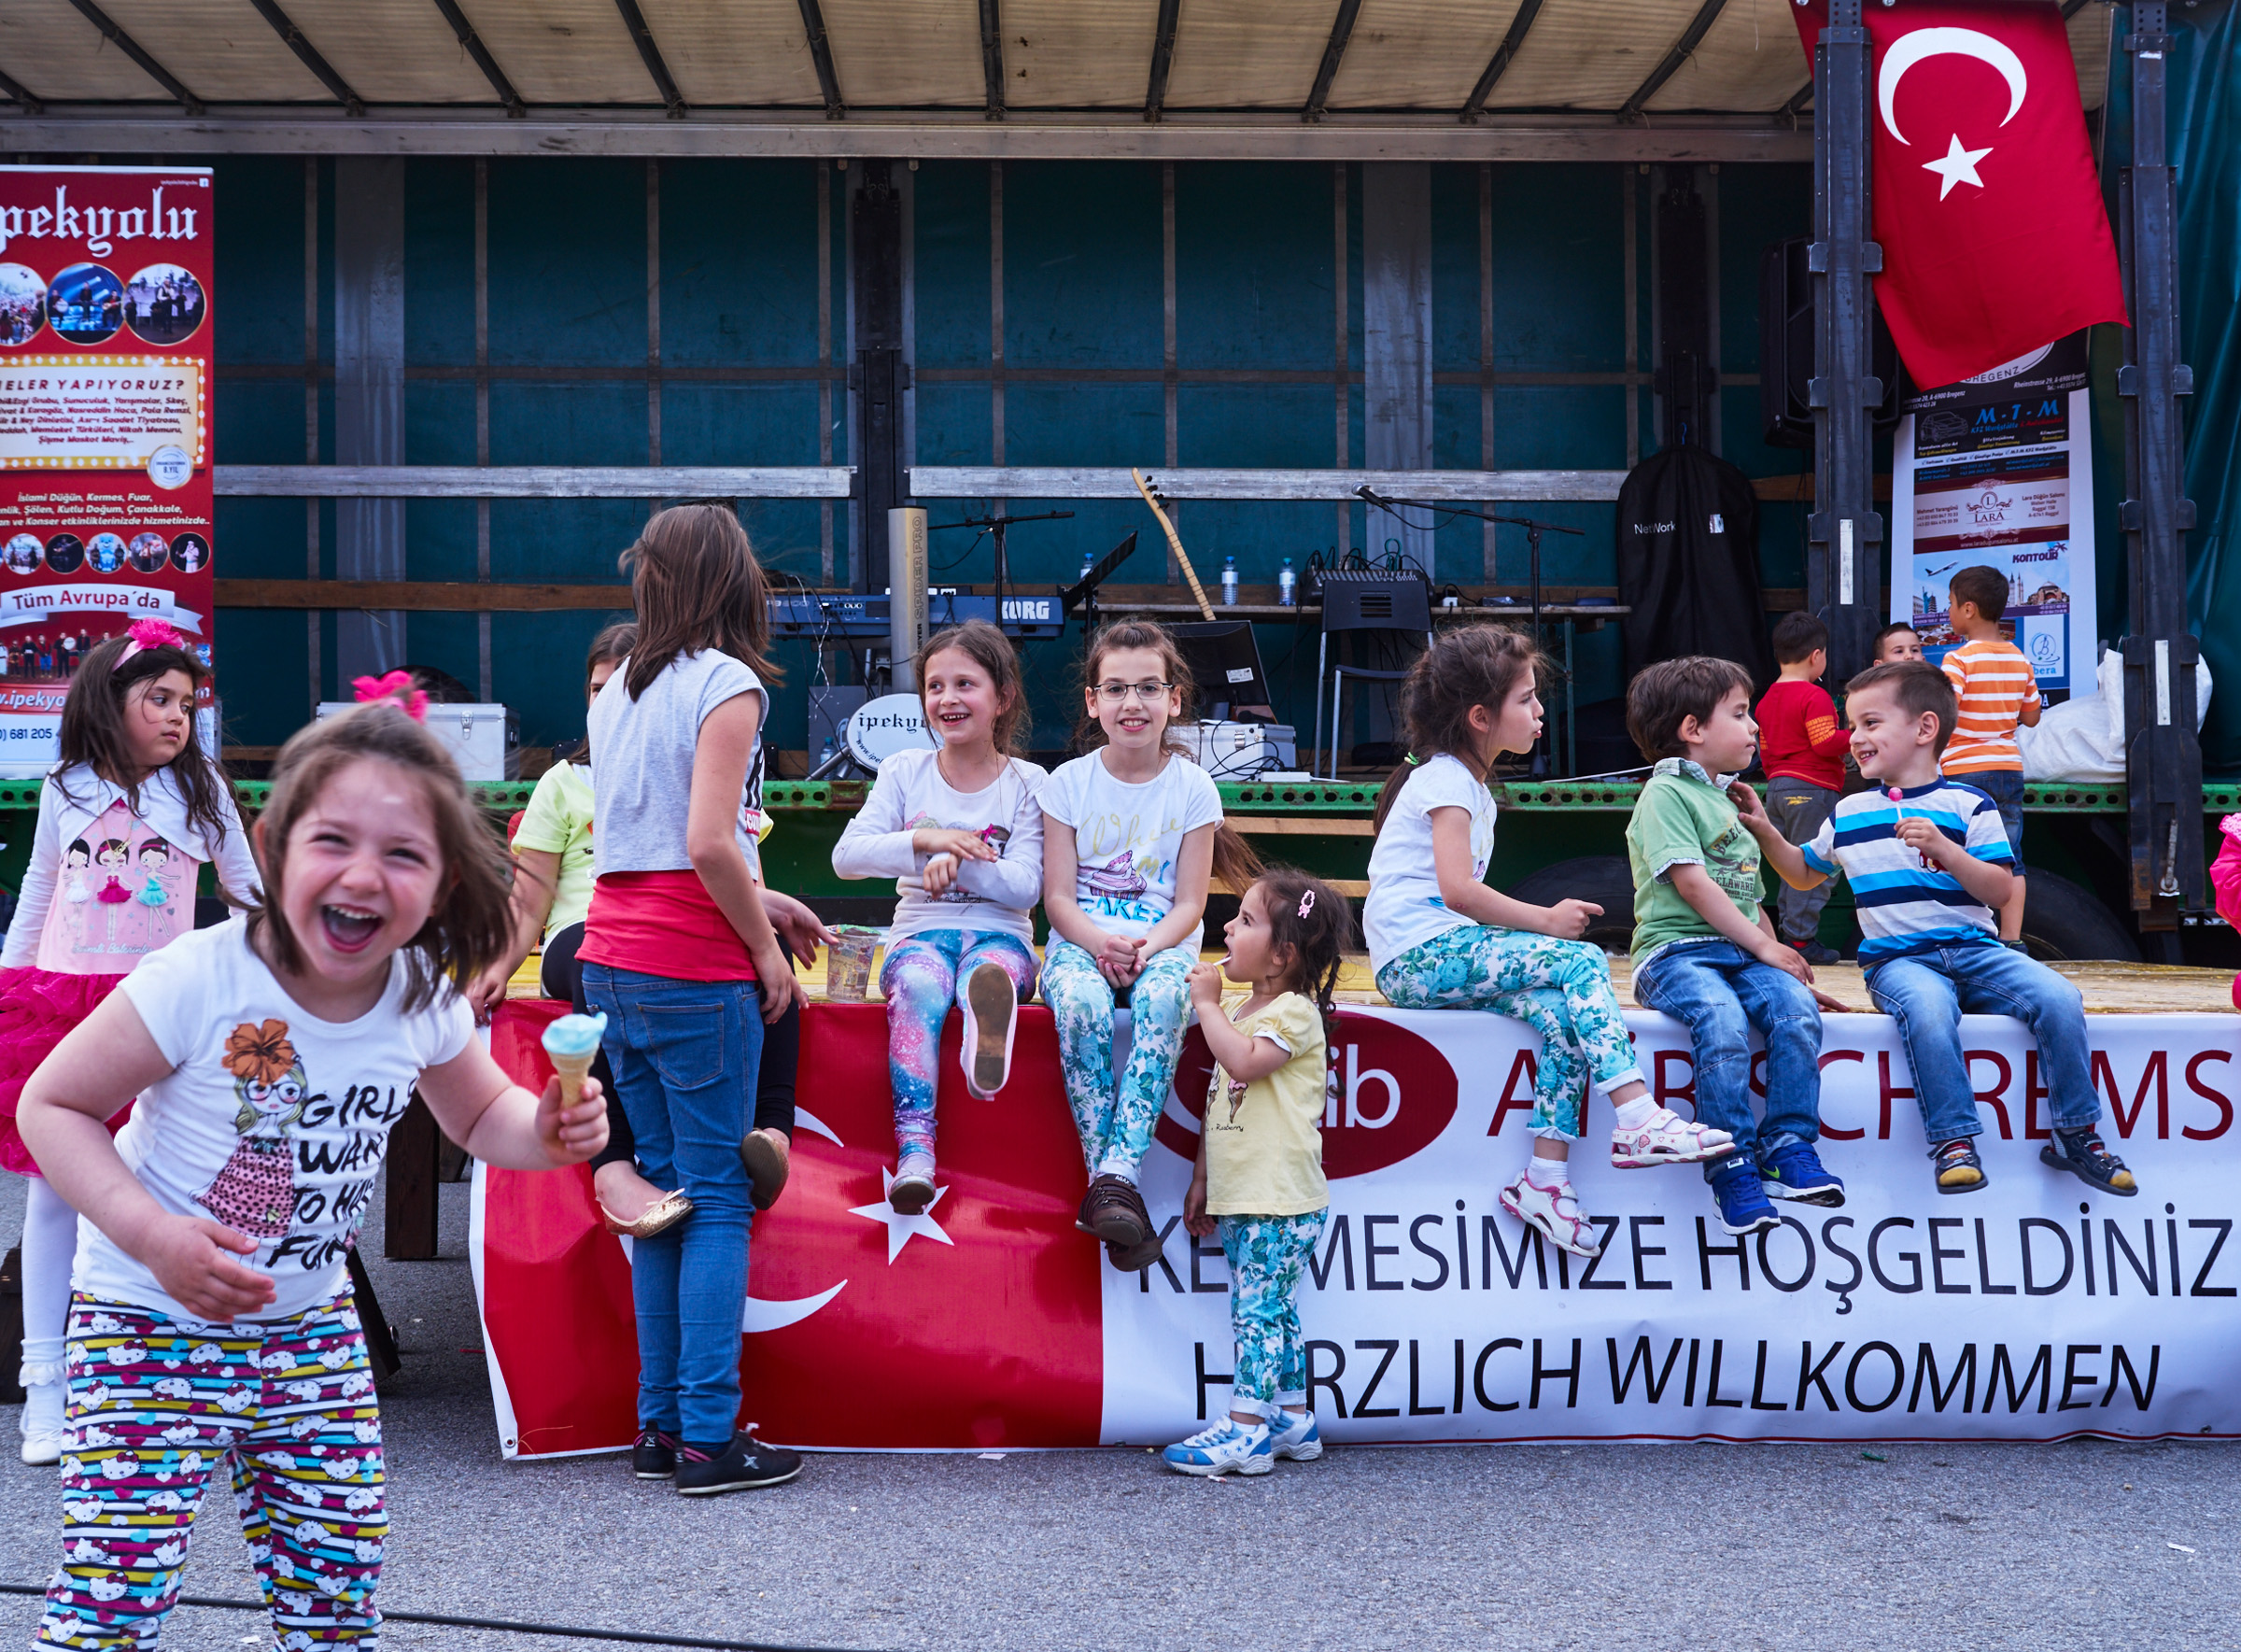 Türkische-Islamische Union Schrems 23.jpg